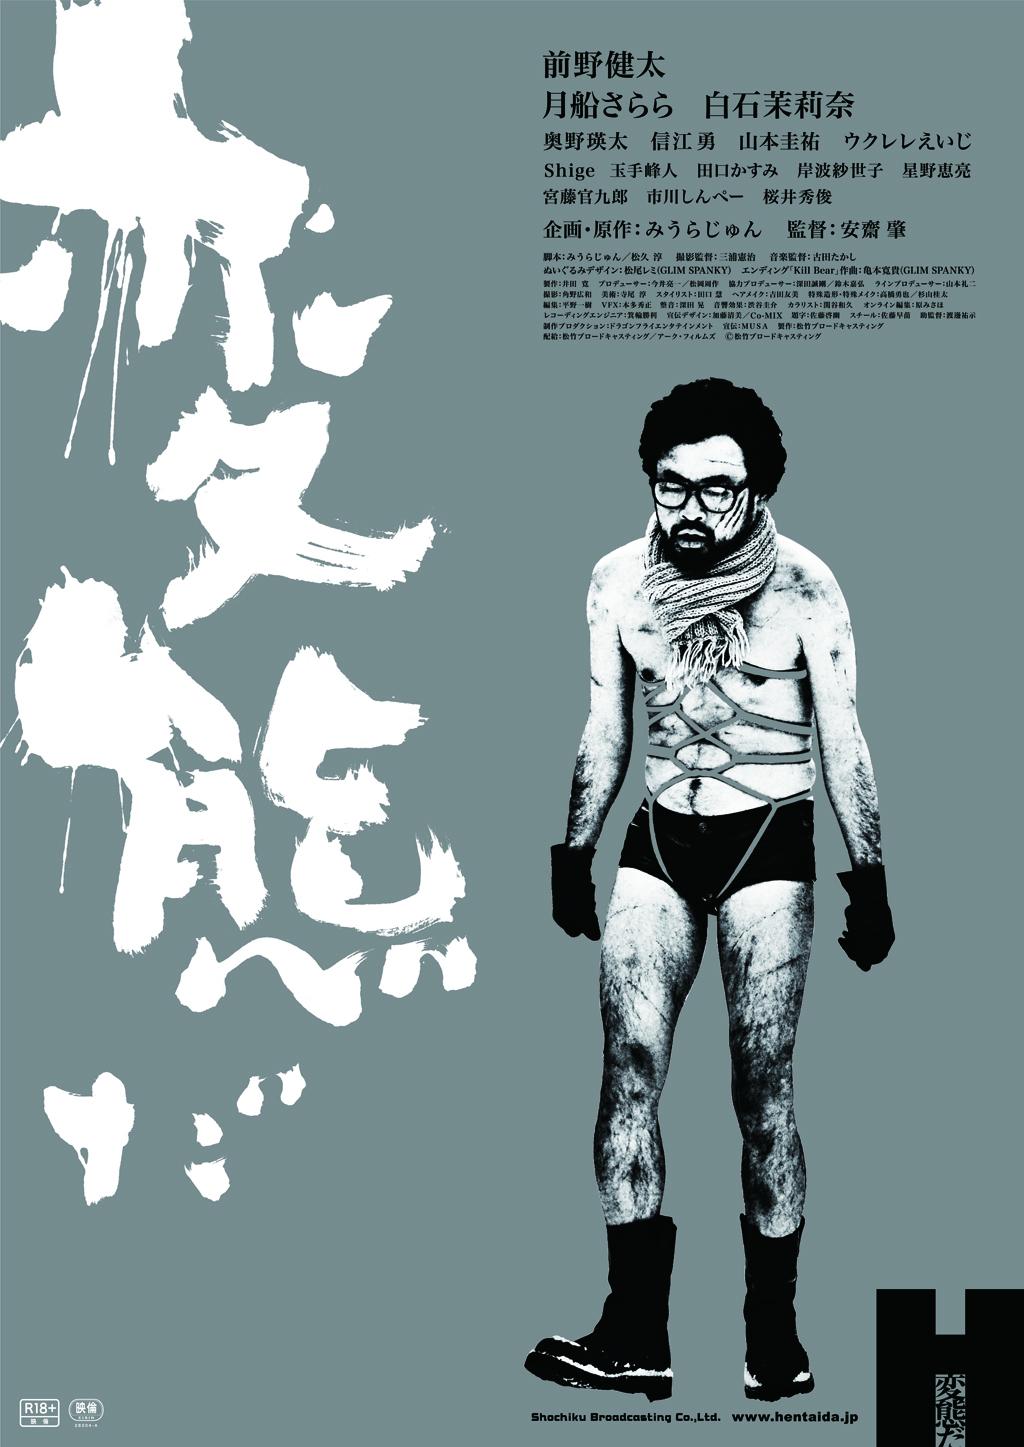 映画『変態だ』ポスタービジュアル ©松竹ブロードキャスティング